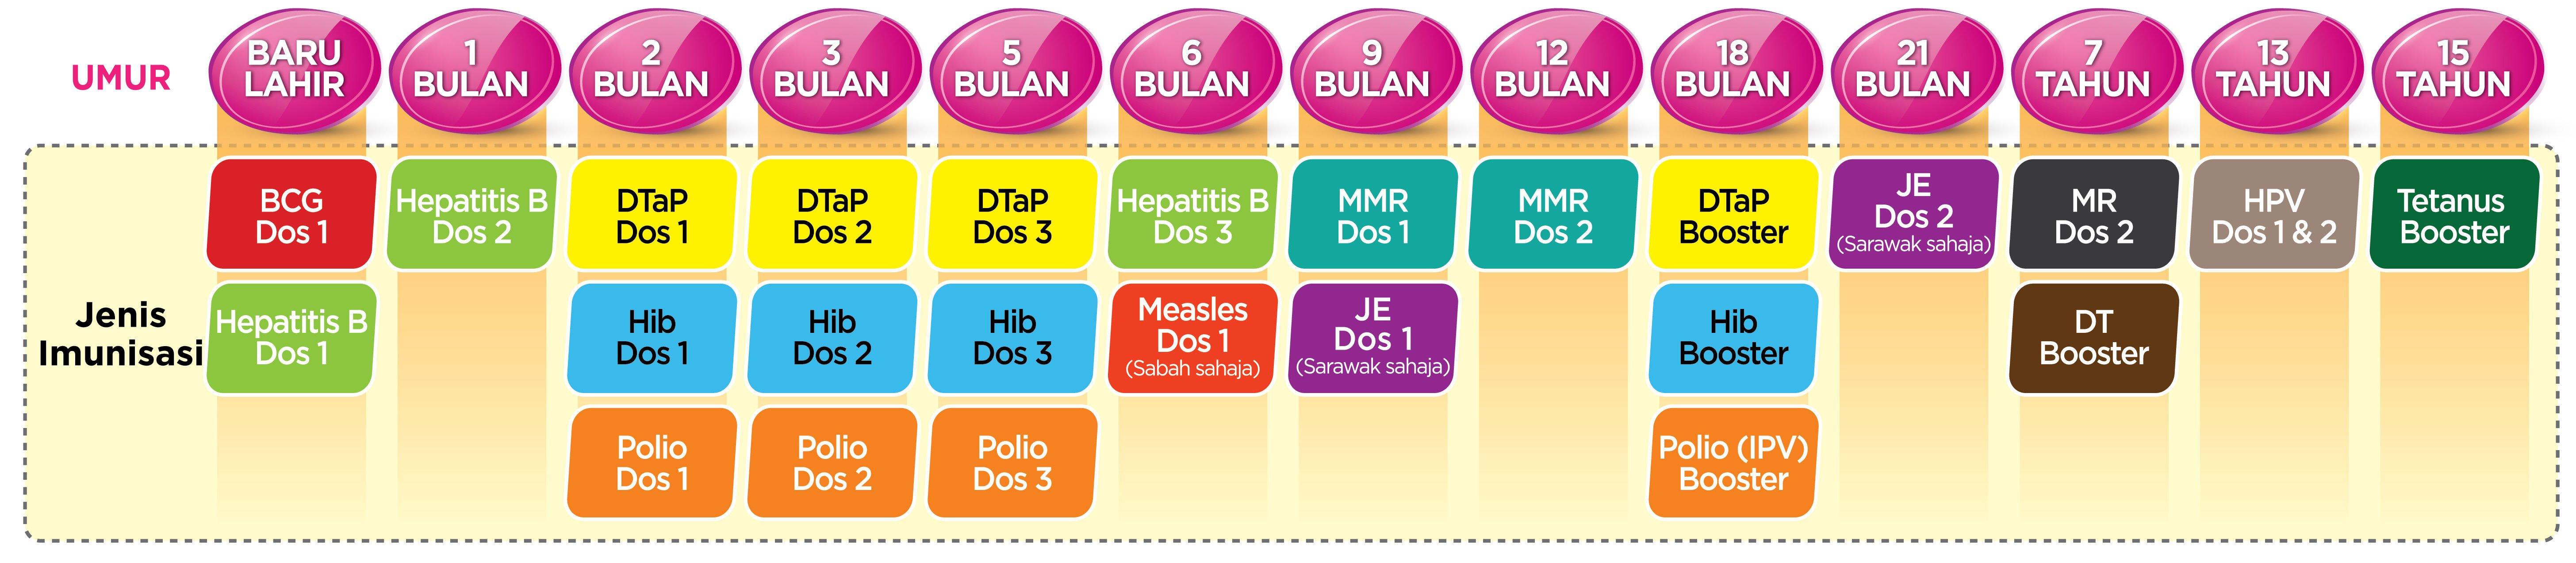 jadual imunisasi baru